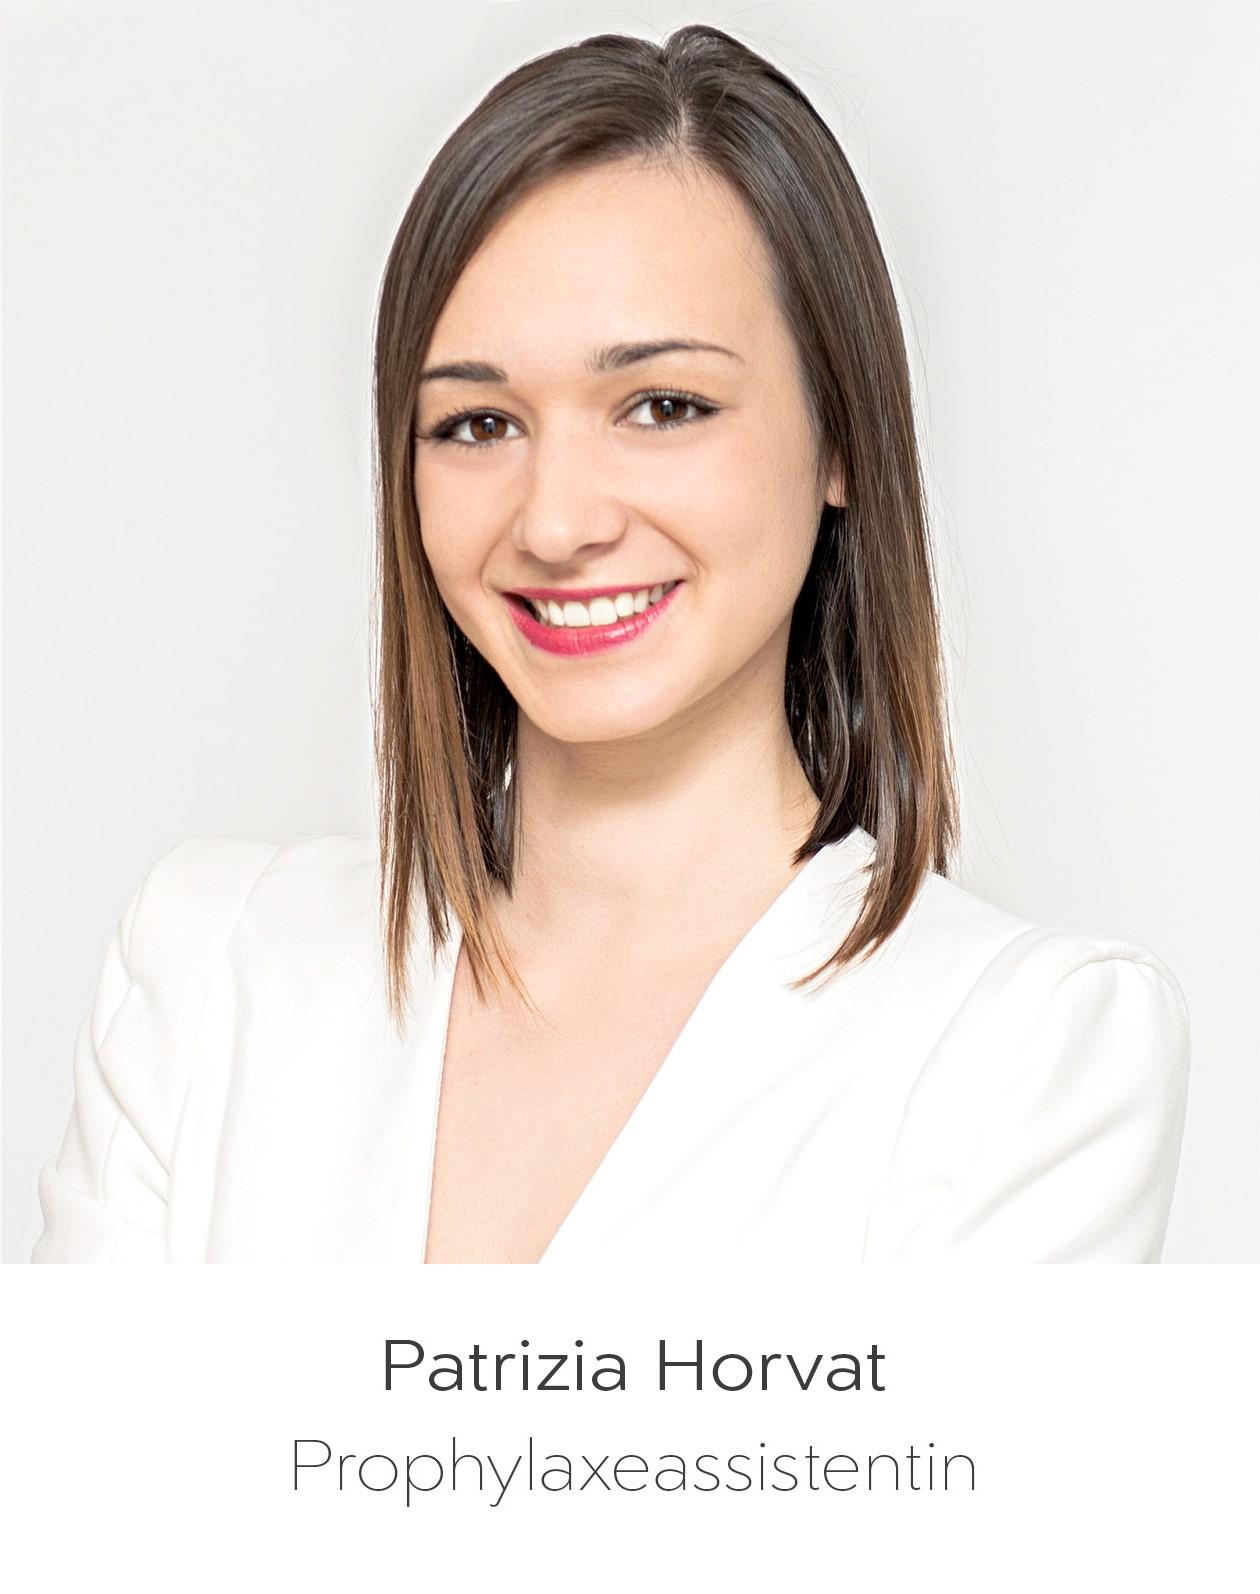 Patrizia Horvat